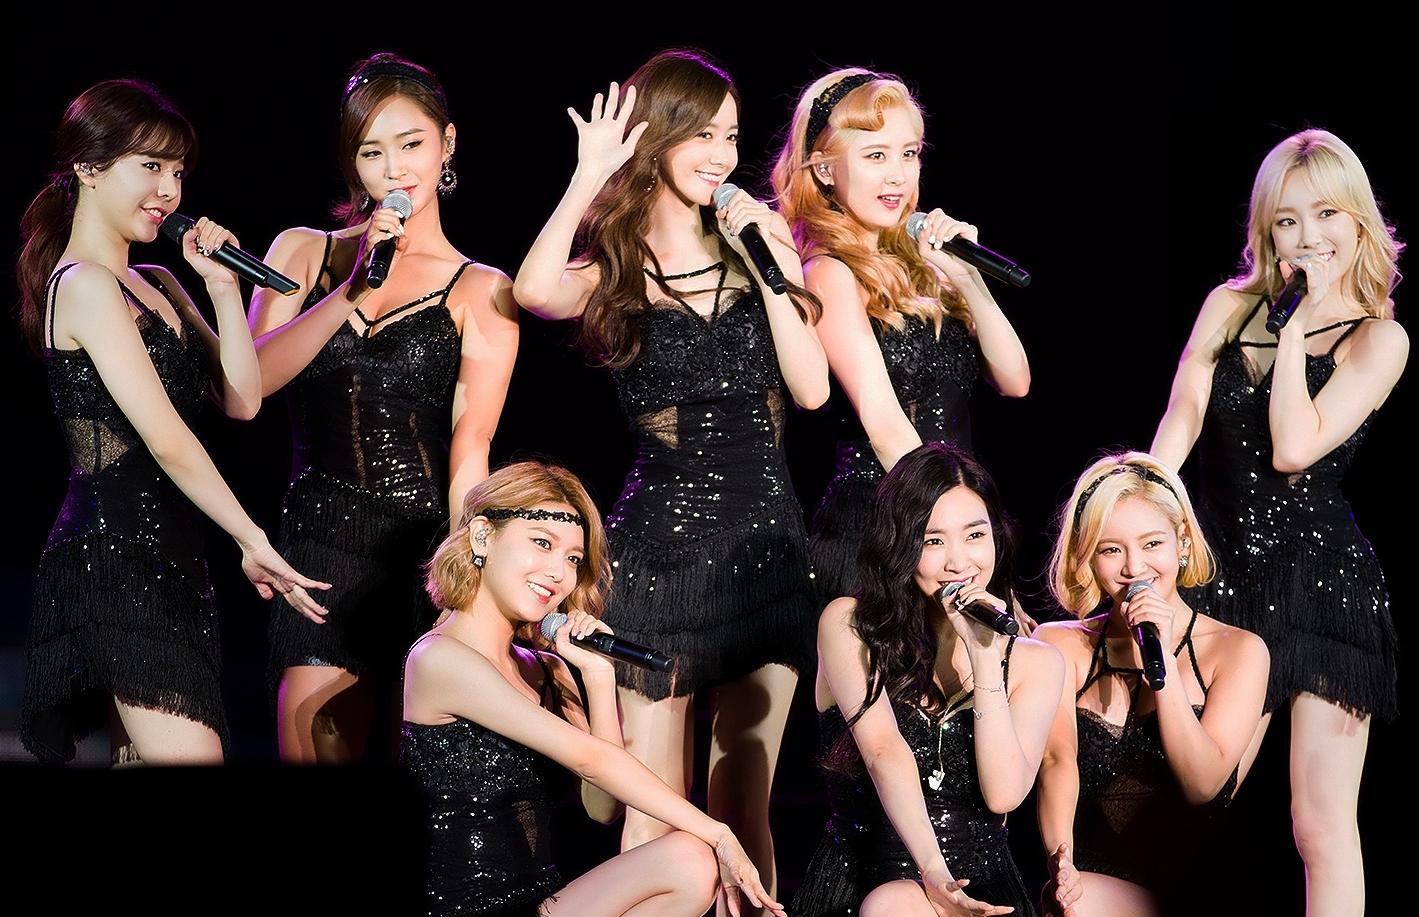 SNSD, những nữ thần huyền thoại của K-pop